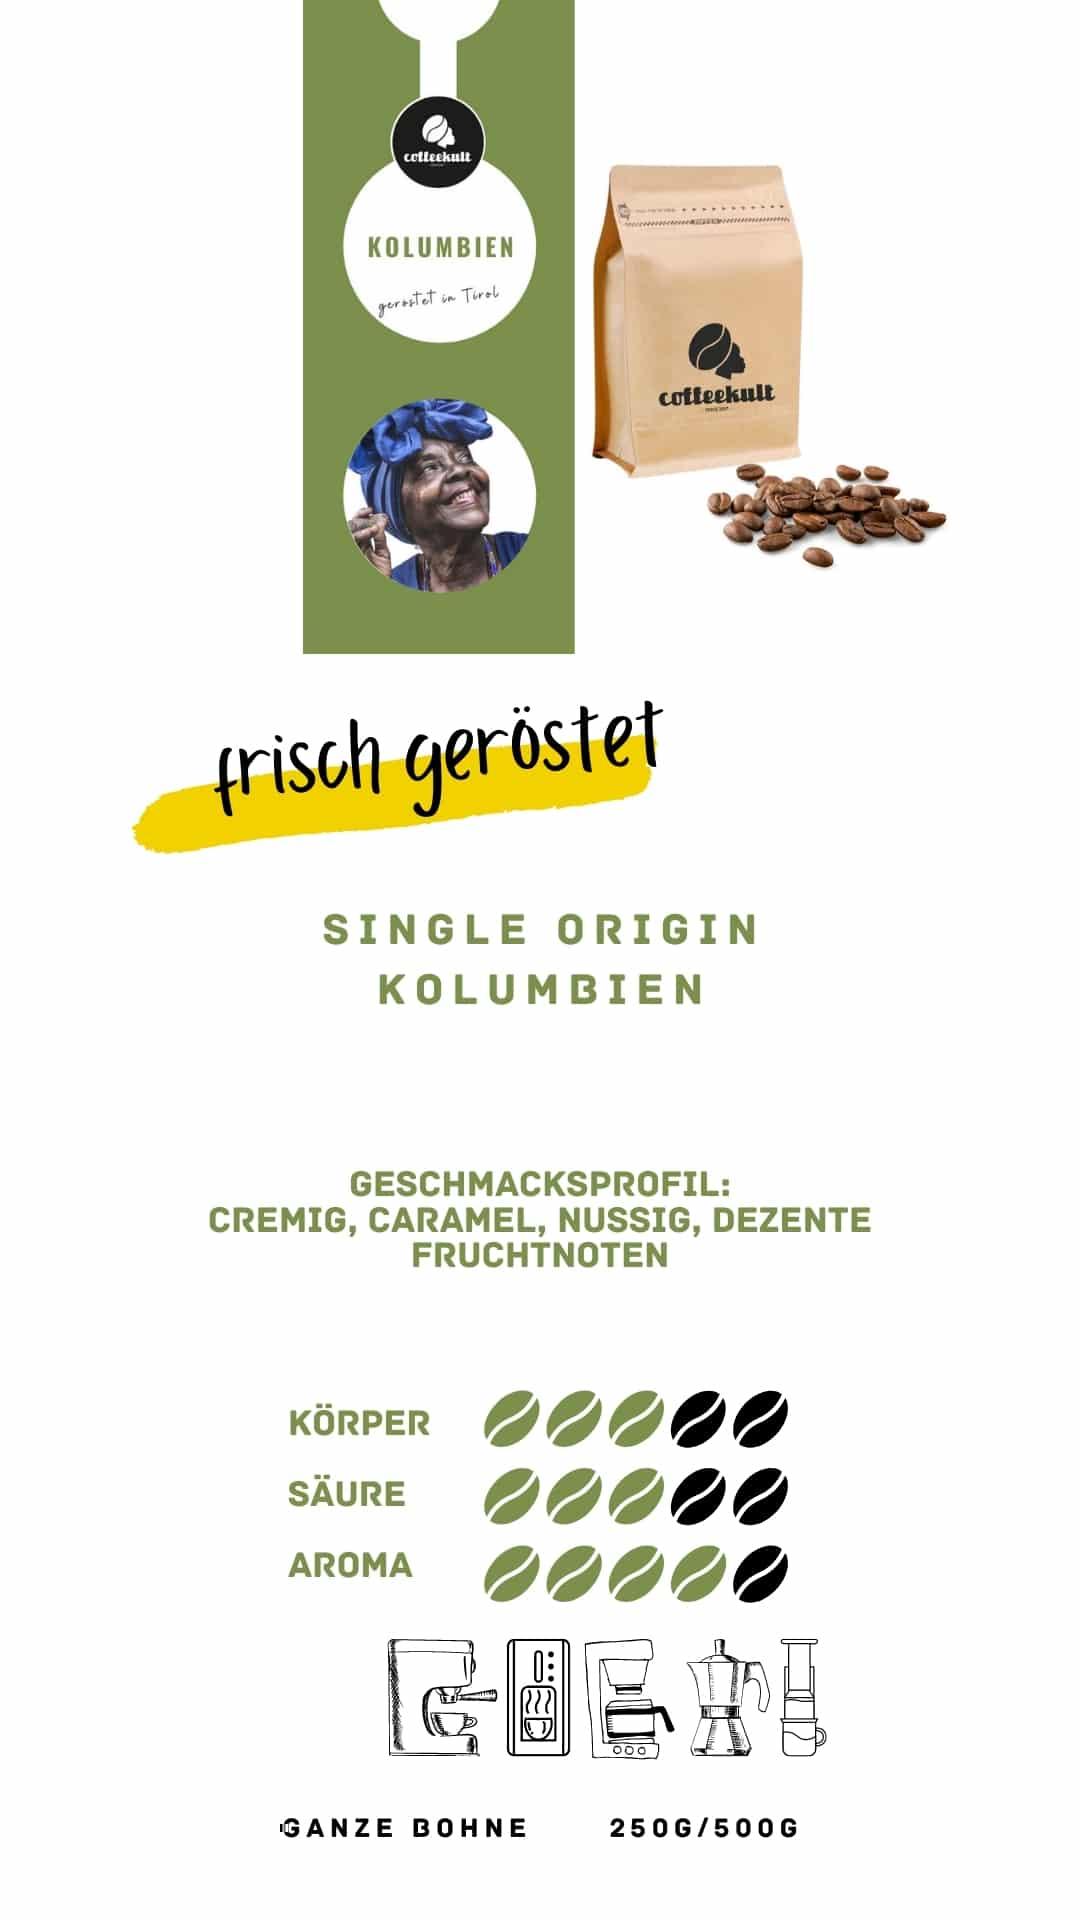 coffeekult coffee frisch geröstet barista kaffeerösterei innsbruck arabica bohnen kolumbien